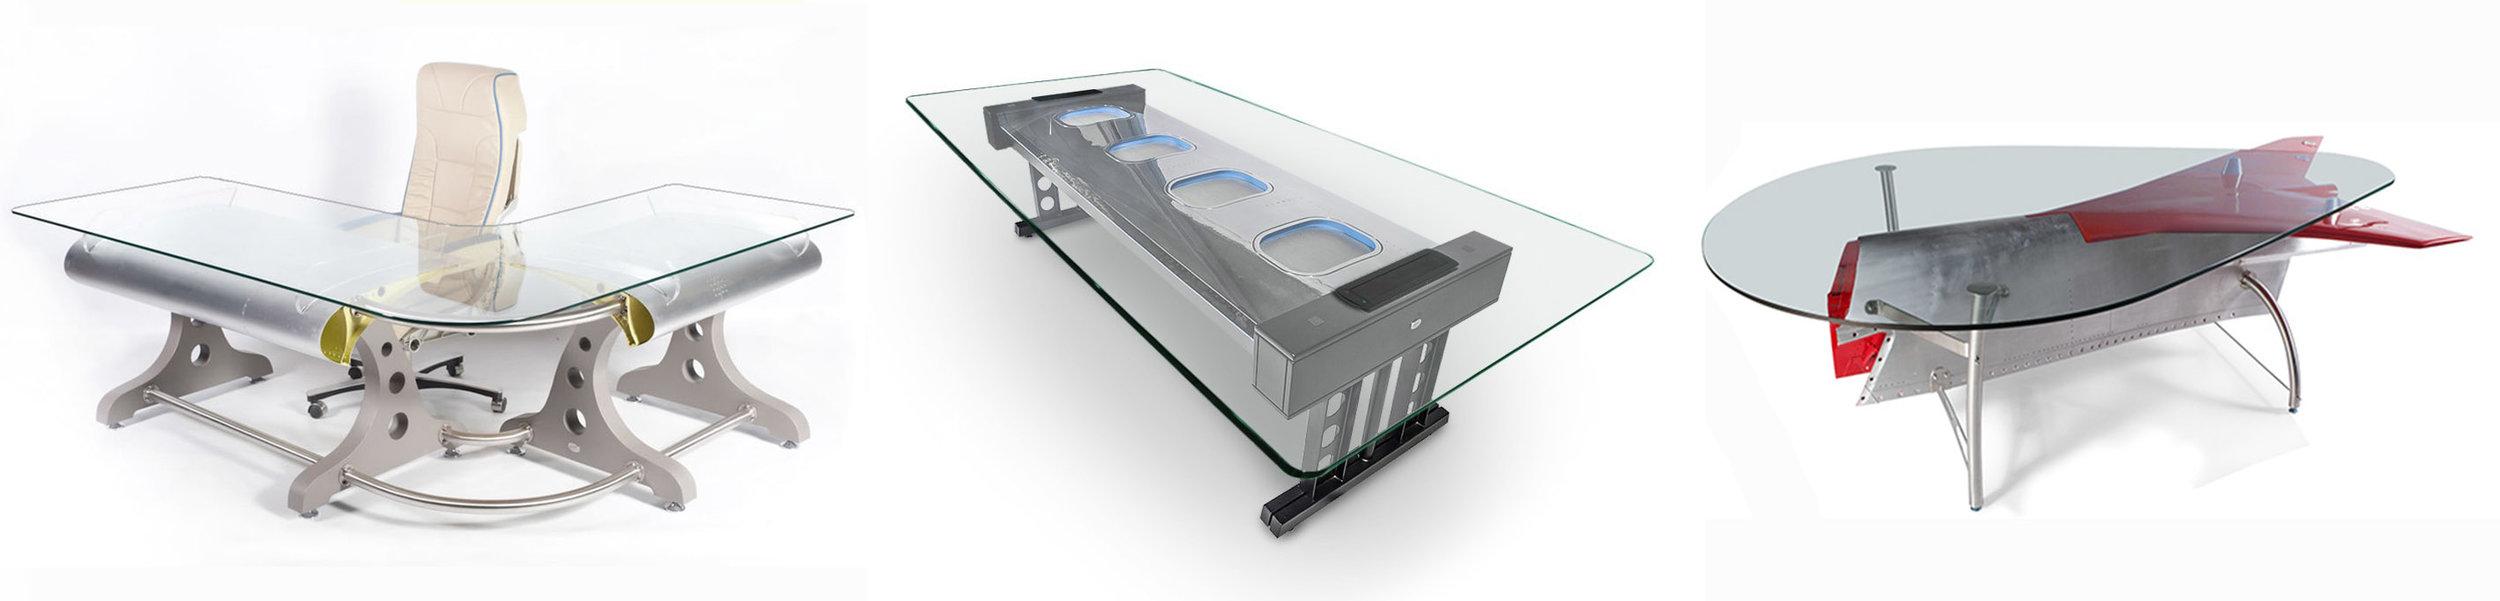 """Da esquerda pra direita: mesa de canto feita com flaps originais de asas de uma aeronave;mesa para reuniões com parte da fuselagem de avião (com janelas!); essa peça do avião ficava na pontinha da asa e se chama """"sharklet"""" — mas agora seu nome é """"mesa"""" mesmo (Foto:  Skyart )"""